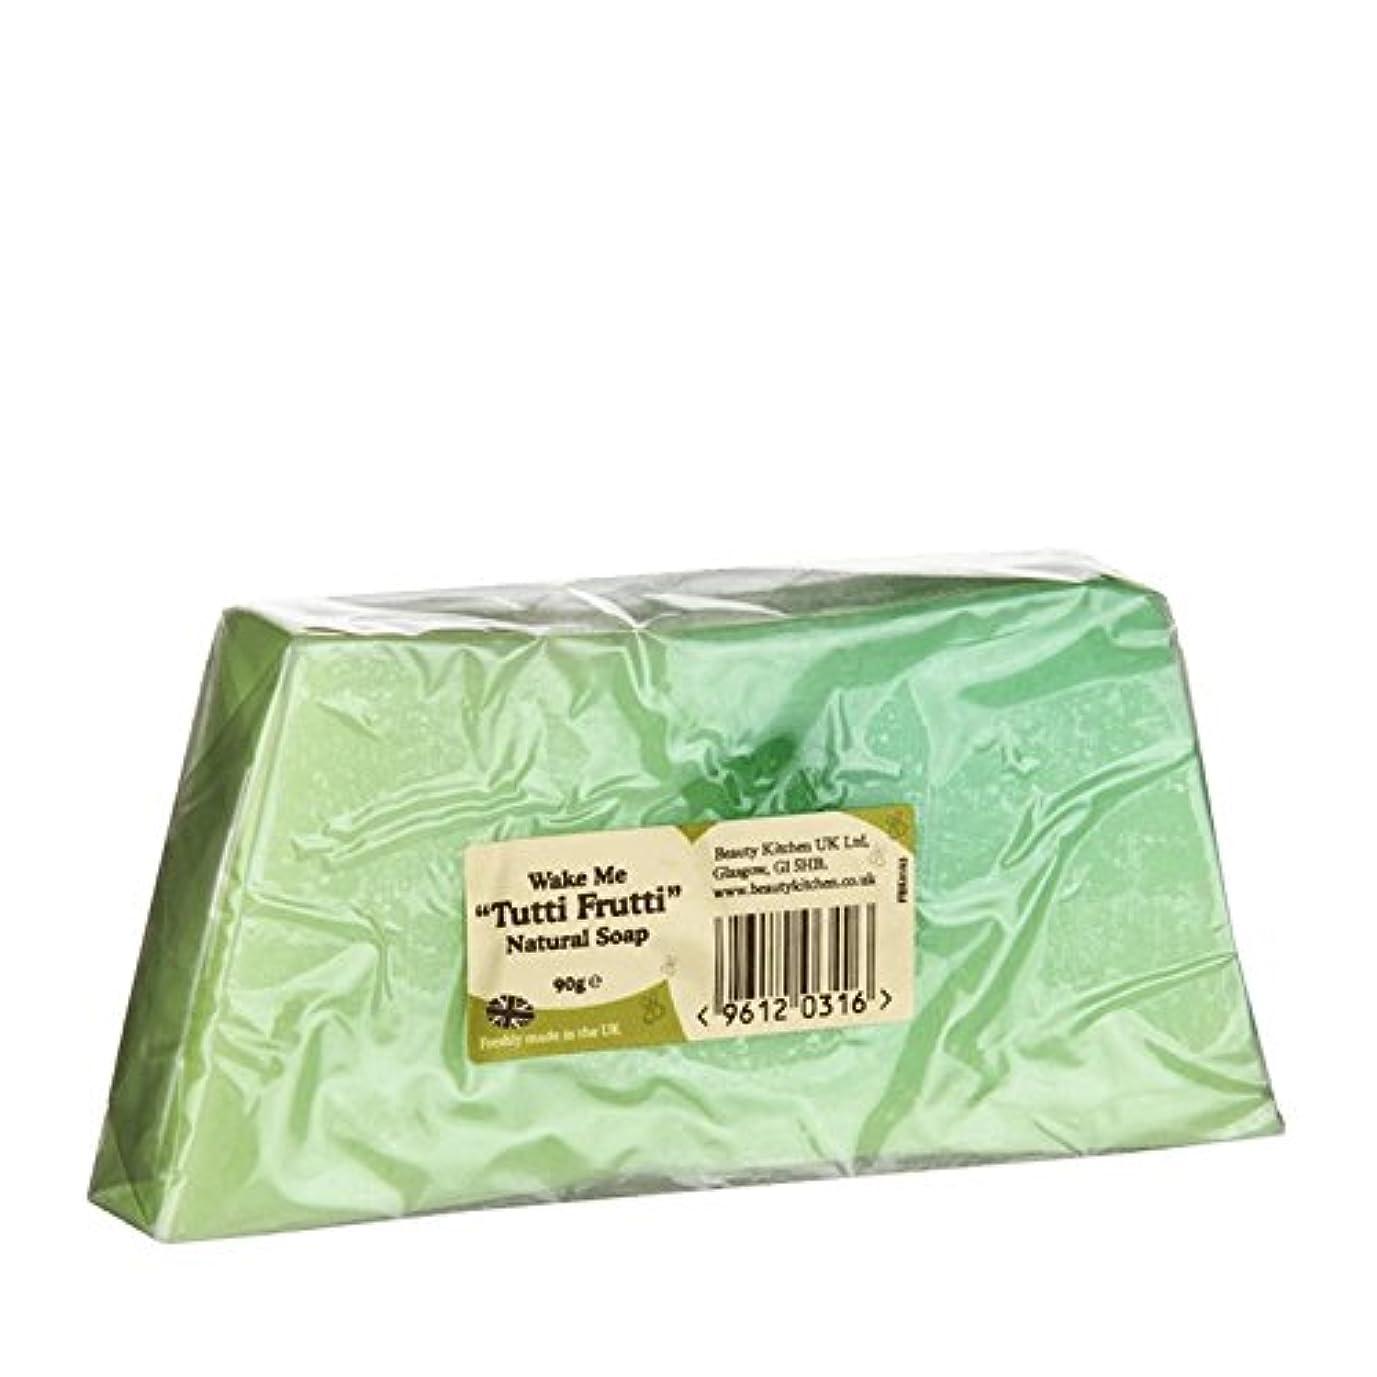 インタビュー違反する鳴り響くBeauty Kitchen Wake Me Tutti Frutti Natural Soap 90g (Pack of 6) - 美しさのキッチンは私トゥッティフルッティの天然石鹸90グラムウェイク (x6) [並行輸入品]